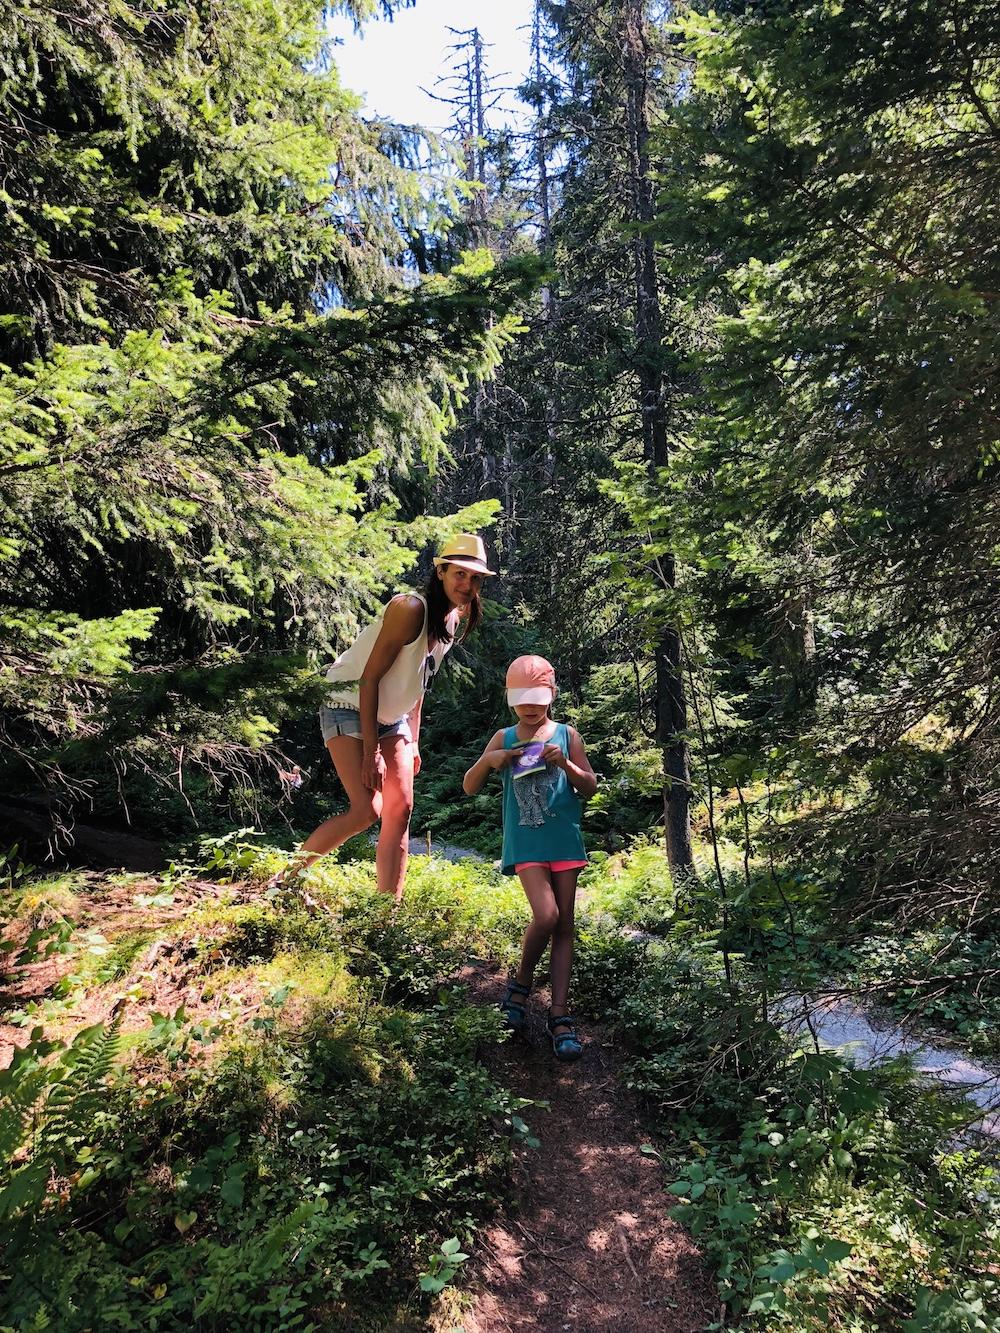 Mutter und Kind durch auf eine Waldweg laufend in Österreich in Ellmi's Zauberwelt